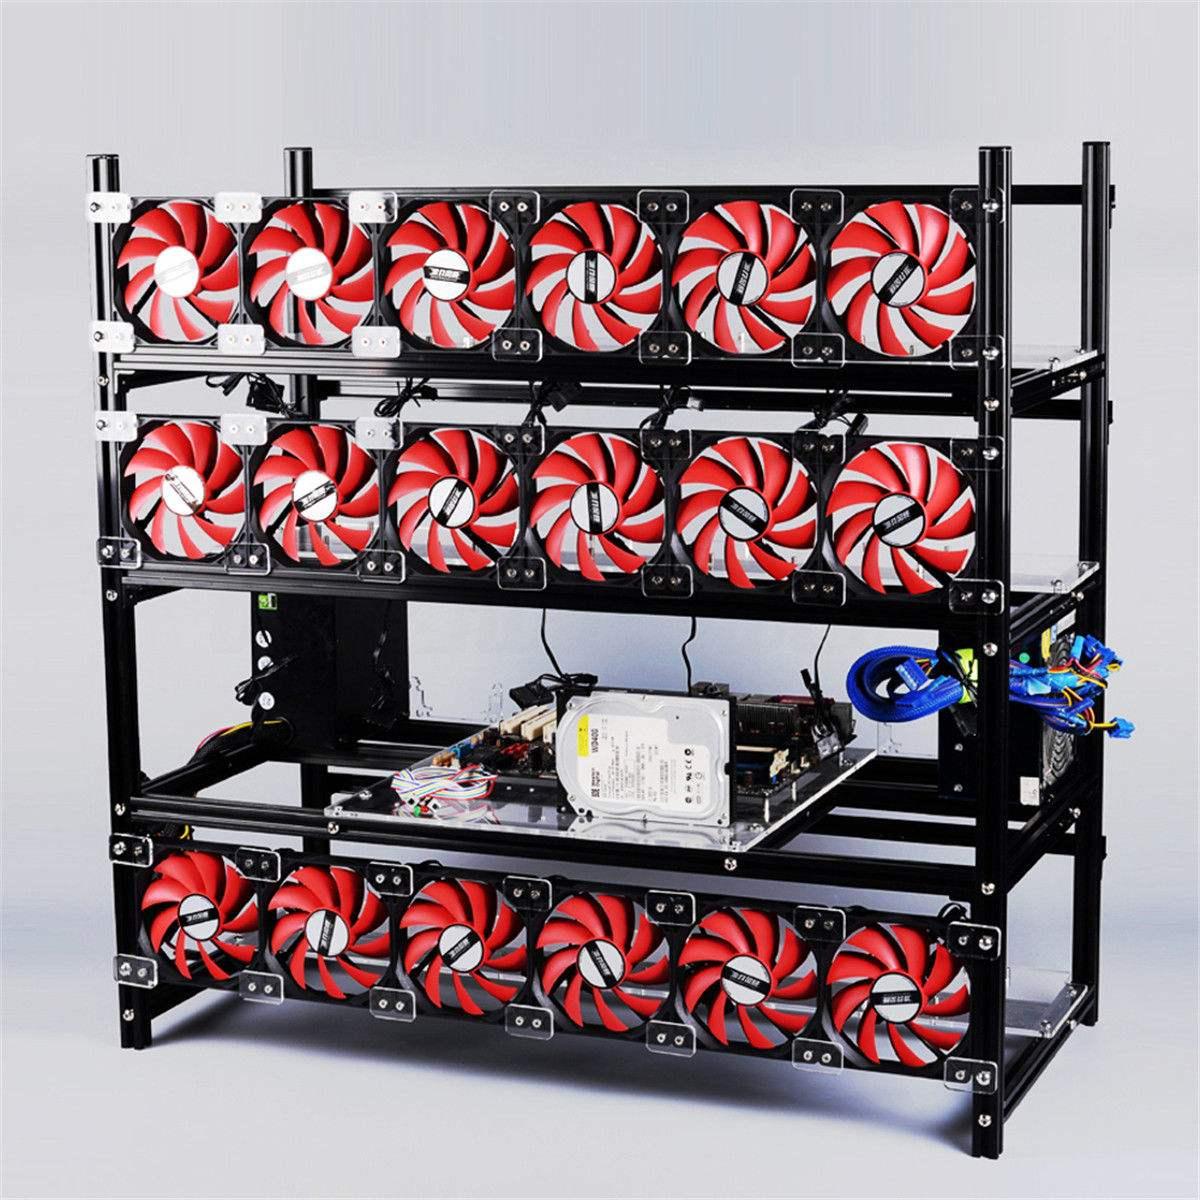 Argent Plate-Forme Minière En Aluminium Empilable Cas en Plein Air Cadre ETH/ZEC/Bitcoin Tenir 19 Gpu Prend En Charge 18 Fans